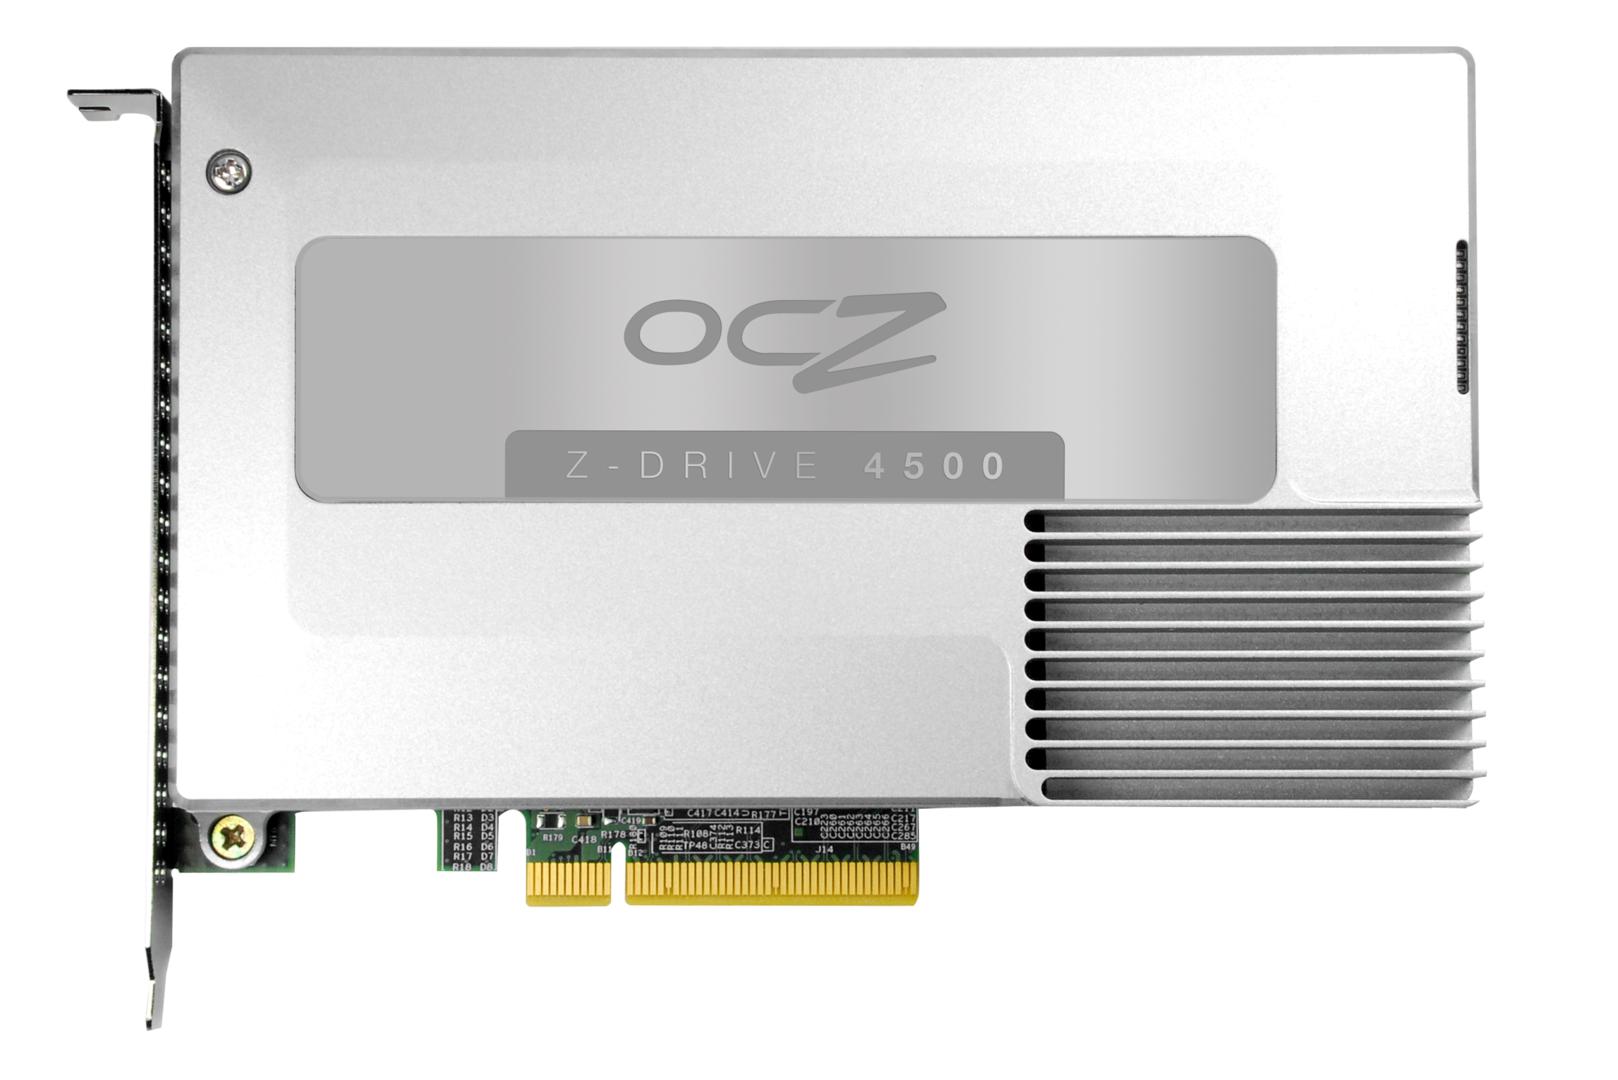 OCZ Z-Drive 4500